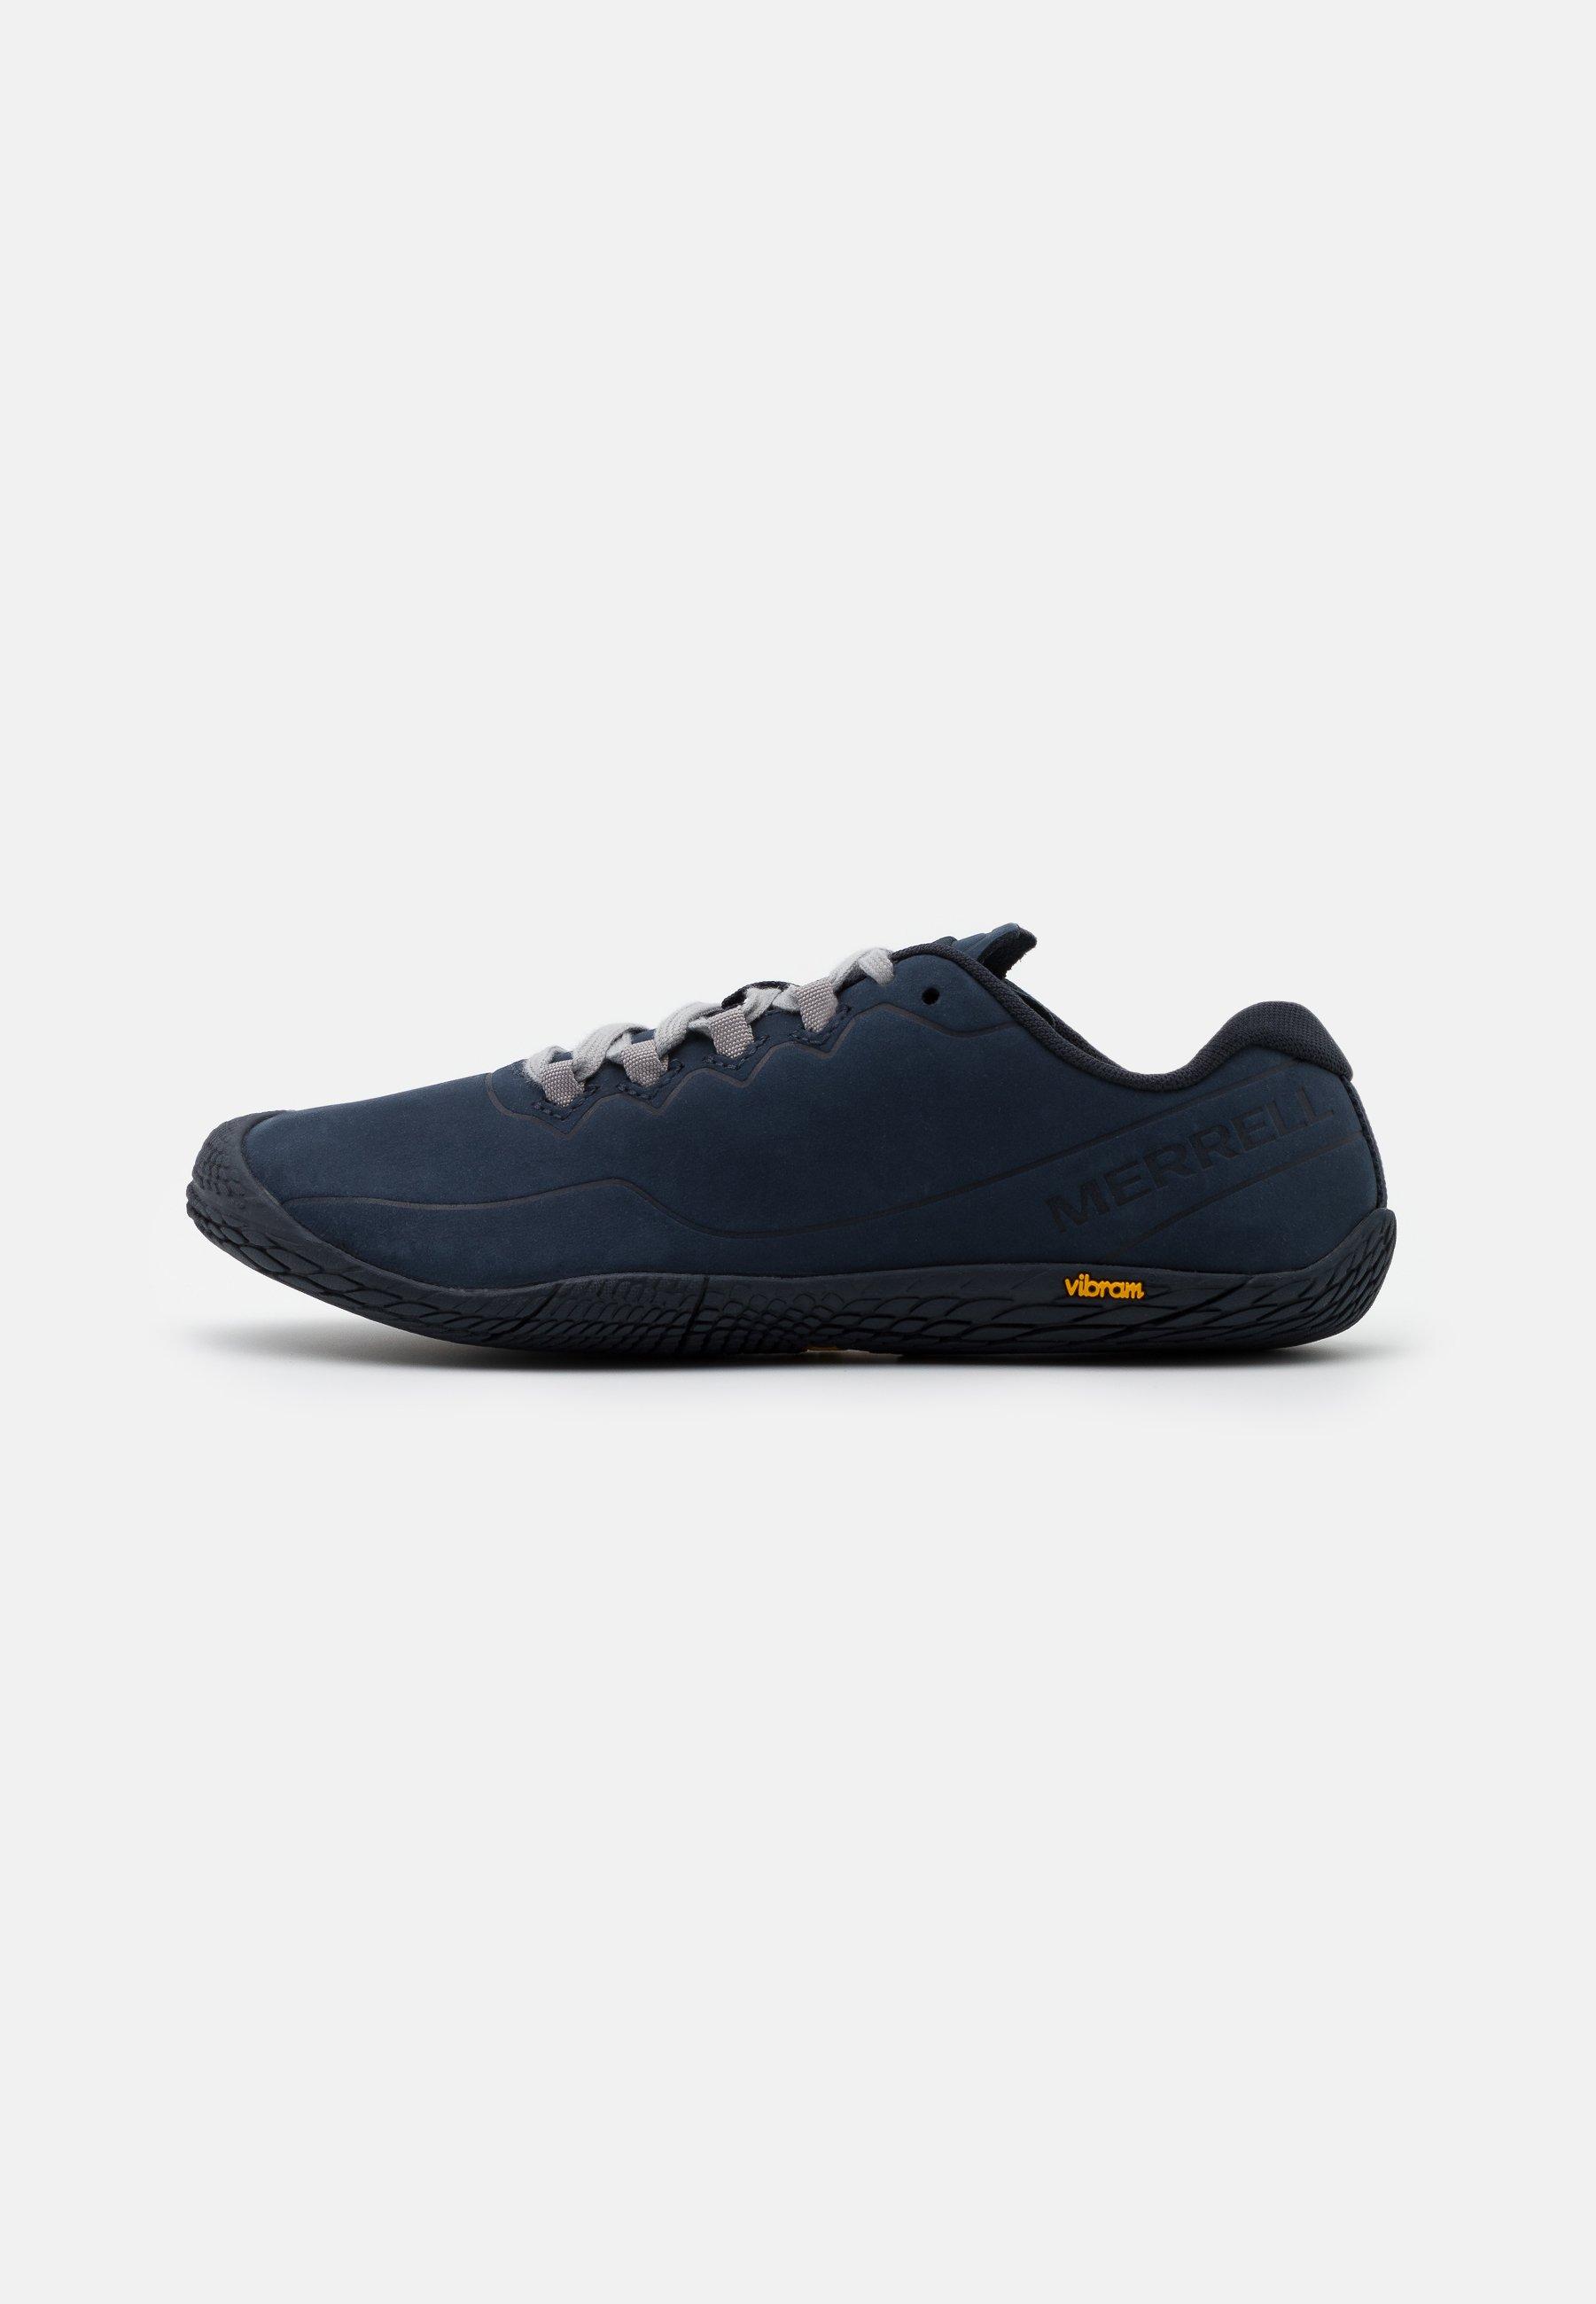 Buty sportowe męskie Rozmiar 50 zamów w ZALANDO | darmowa